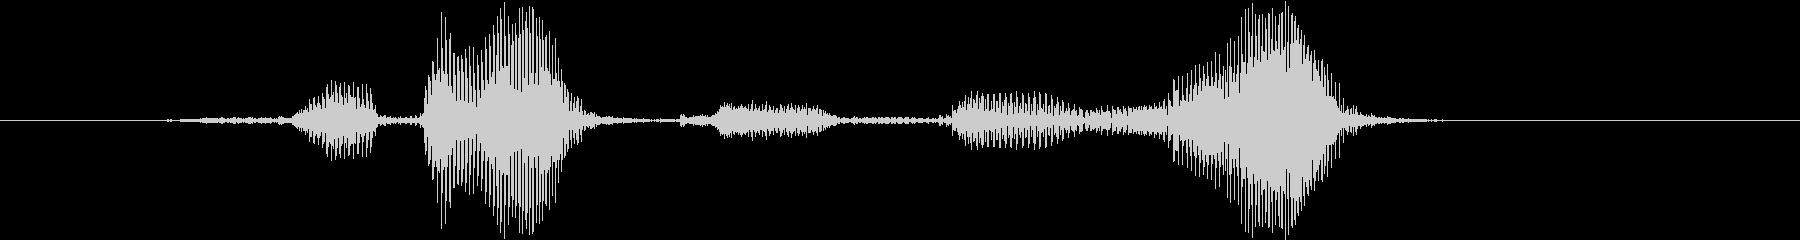 開けゴマの未再生の波形